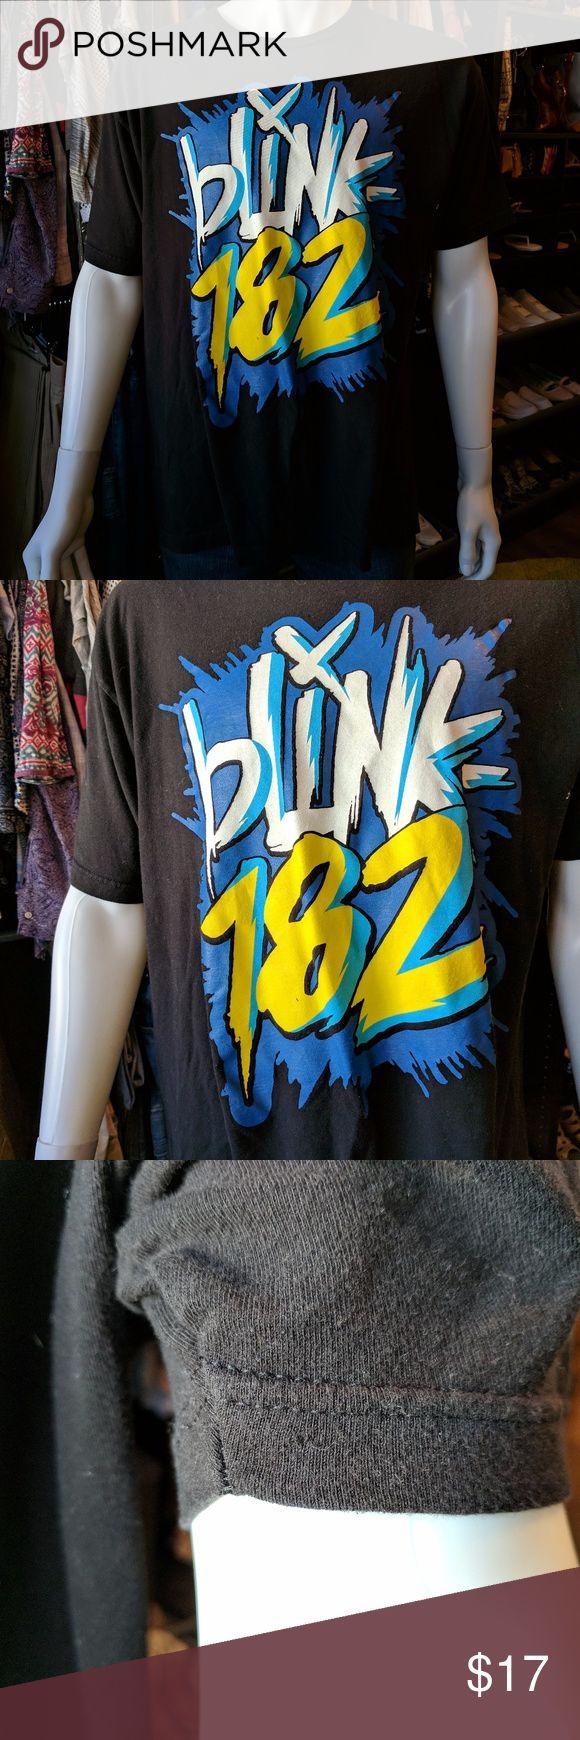 Black keys t shirt etsy - Blink 182 Yellow White Blue Logo Black Tee